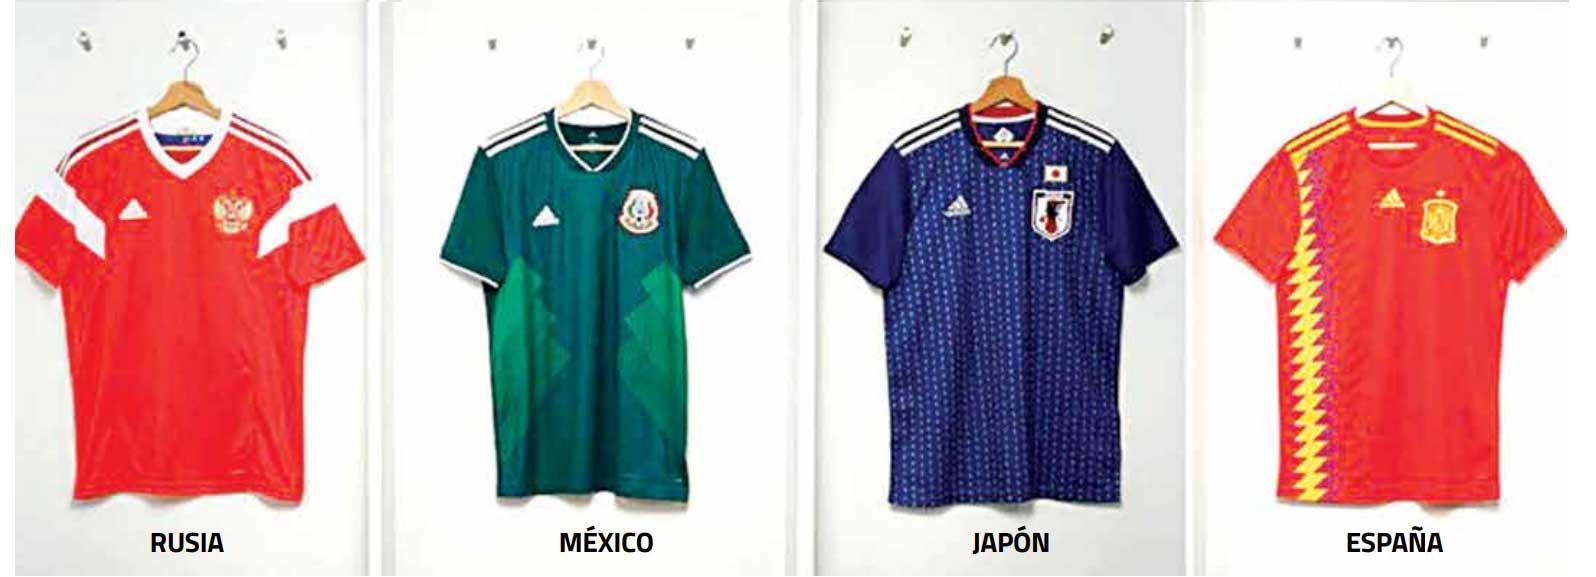 0eb7f4f7b8c68 La camiseta que utilizará la selección española en el Mundial de Rusia 2018  rememora el diseño empleado en el de Estados Unidos 94. La Roja usará una  prenda ...